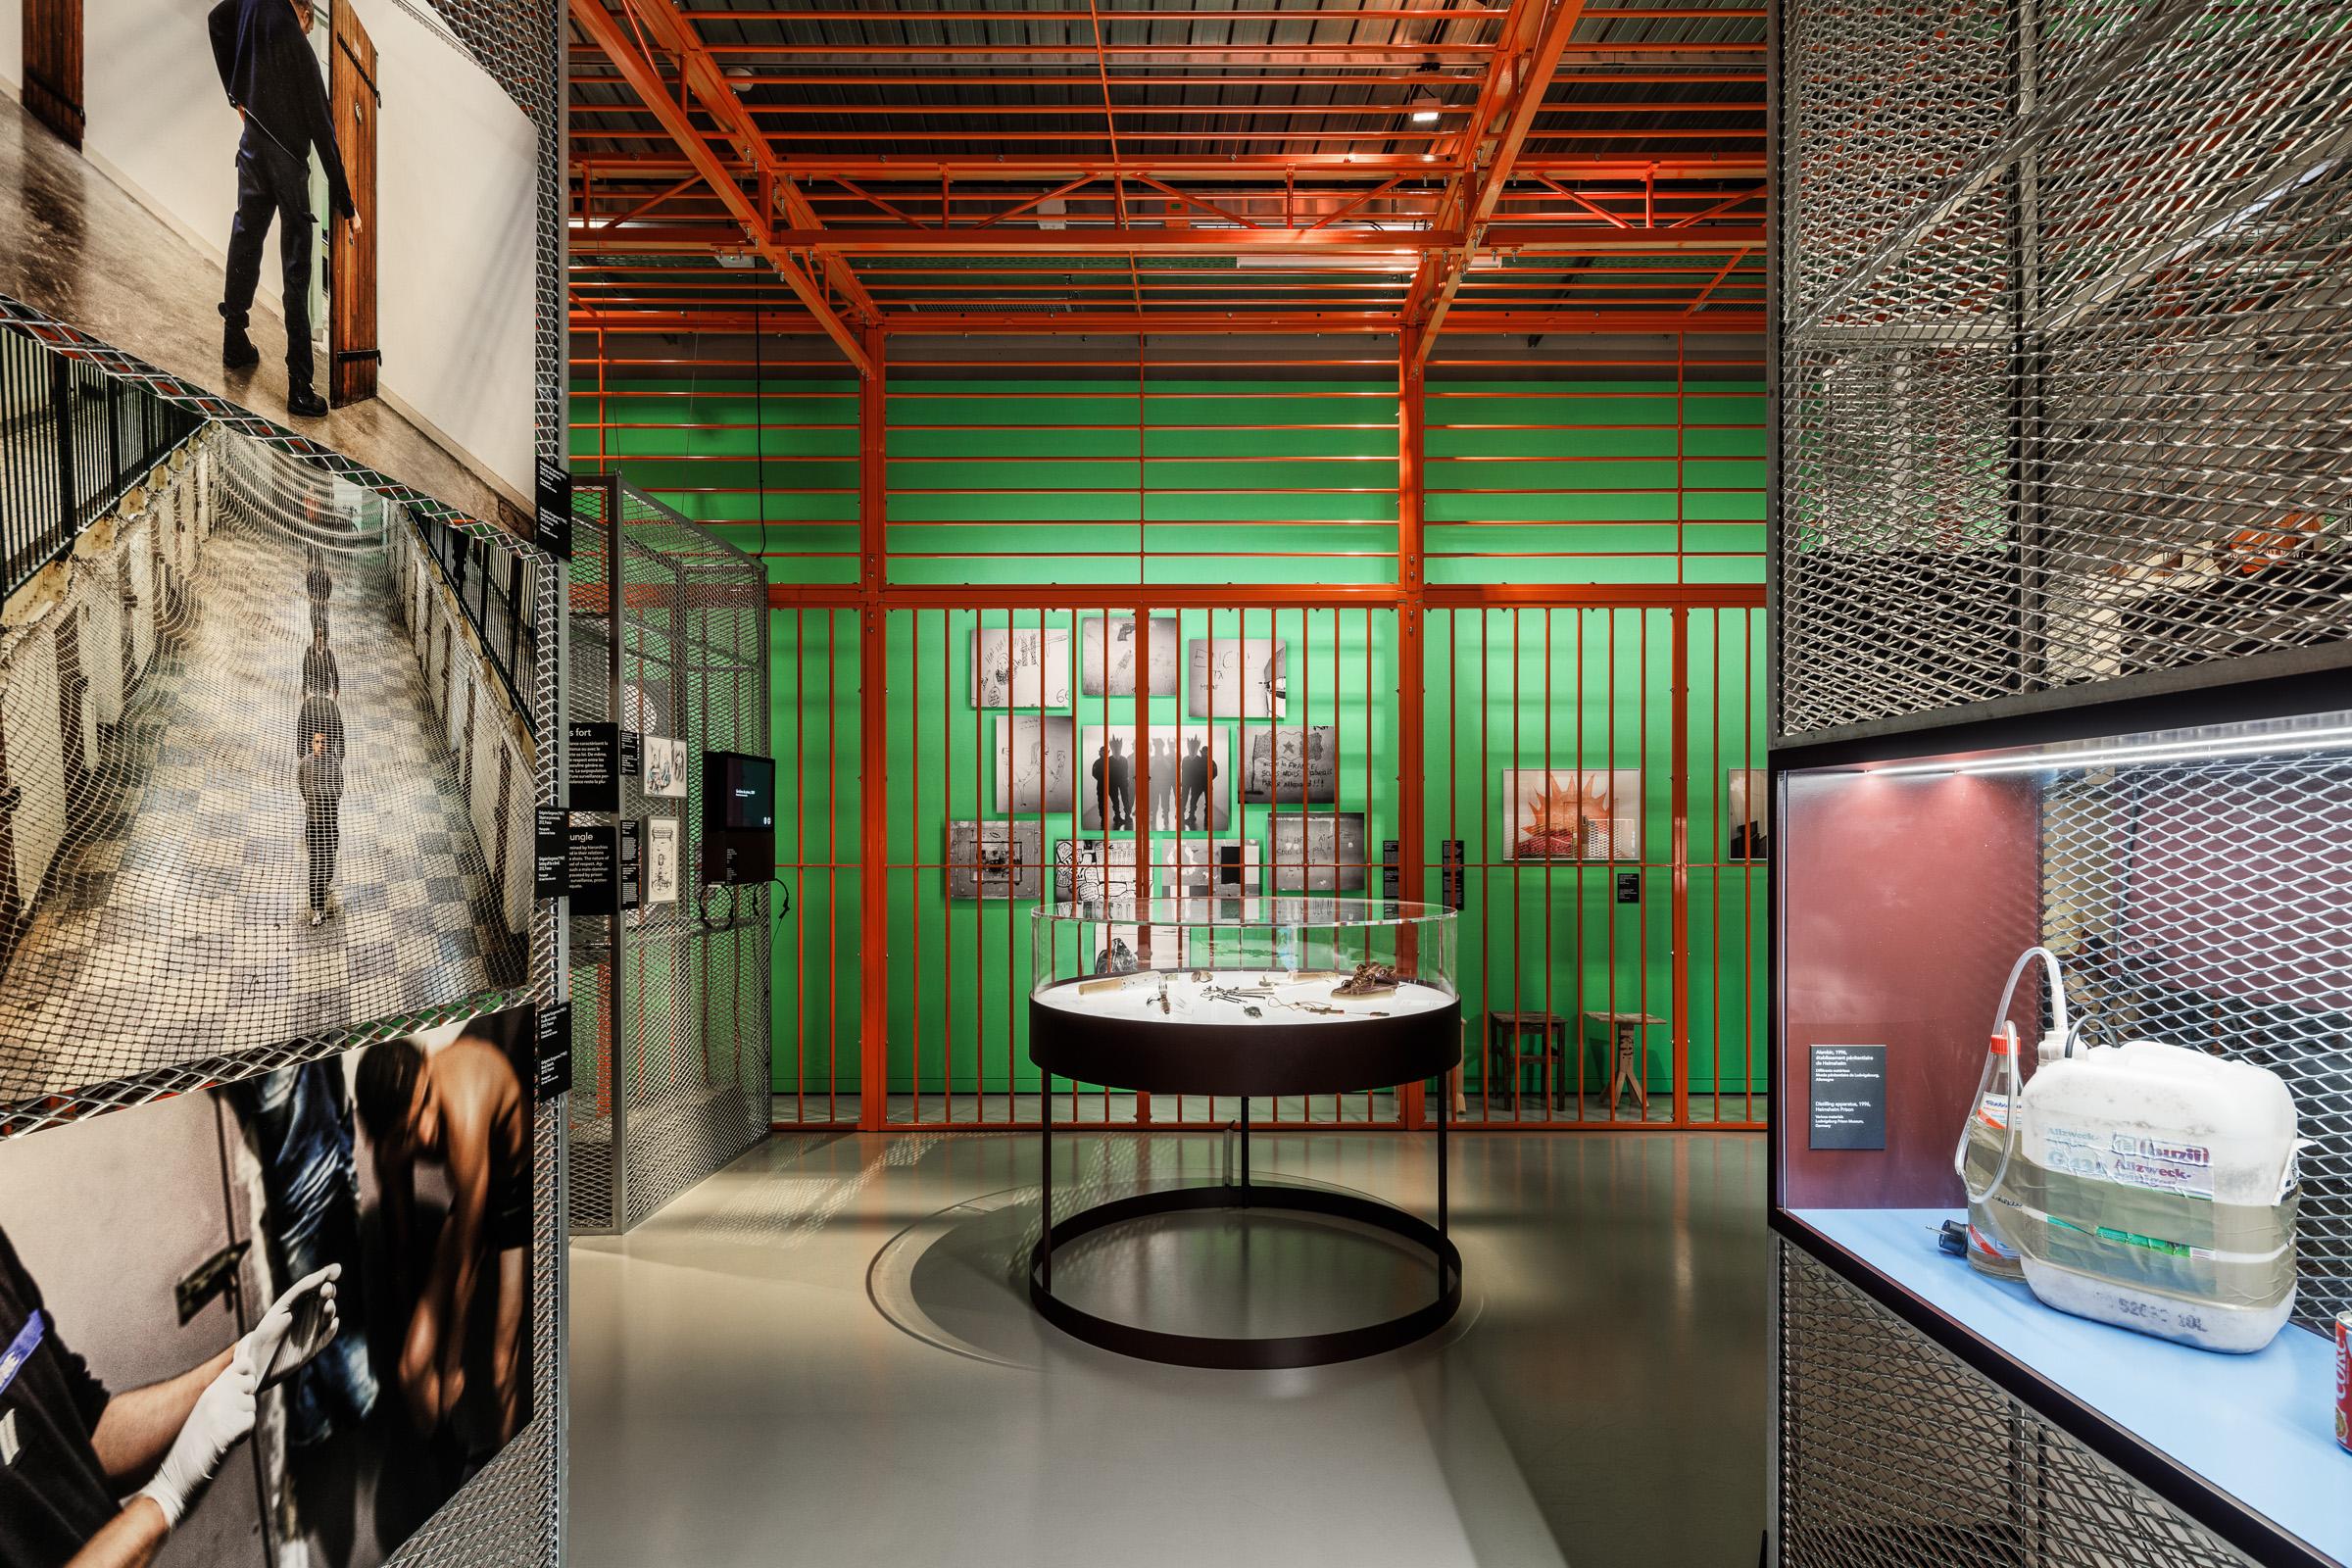 19-115 - MCH Group expomobilia -  En Prison - Museum CICR--6.jpg